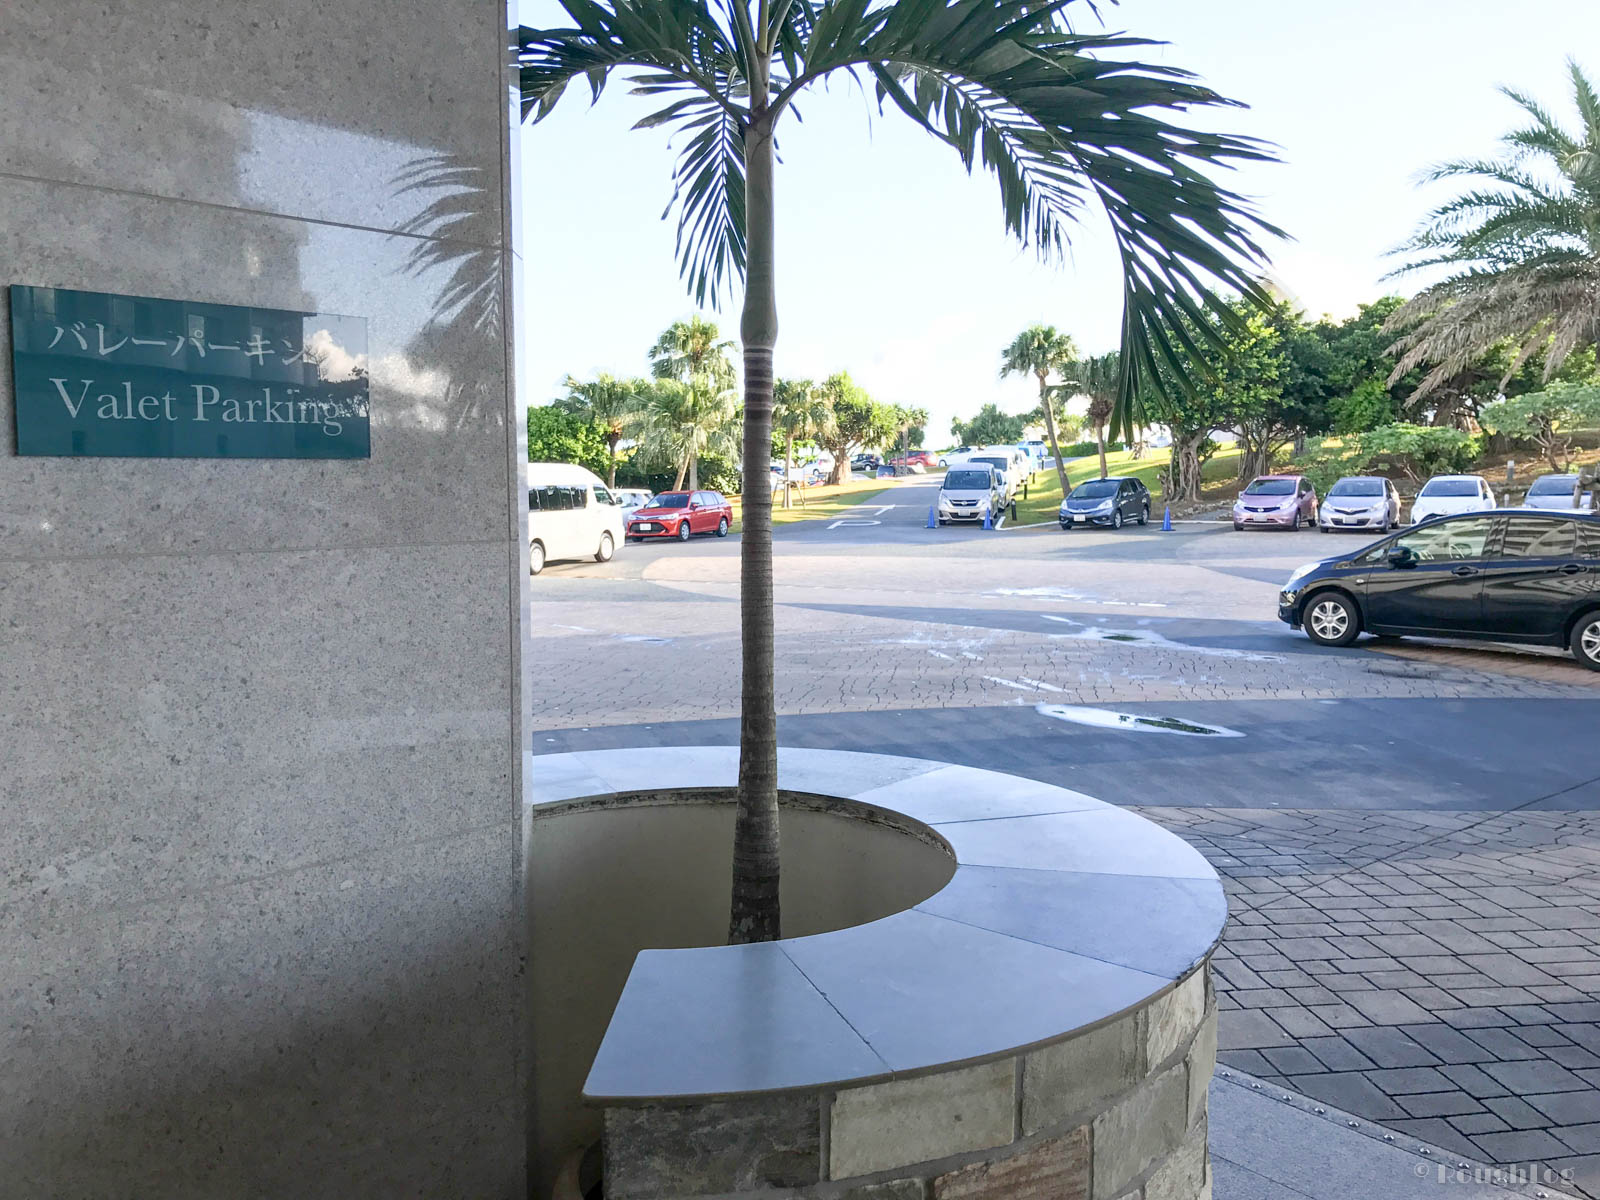 ANAインターコンチネンタル万座ビーチリゾートのホテルエントランス